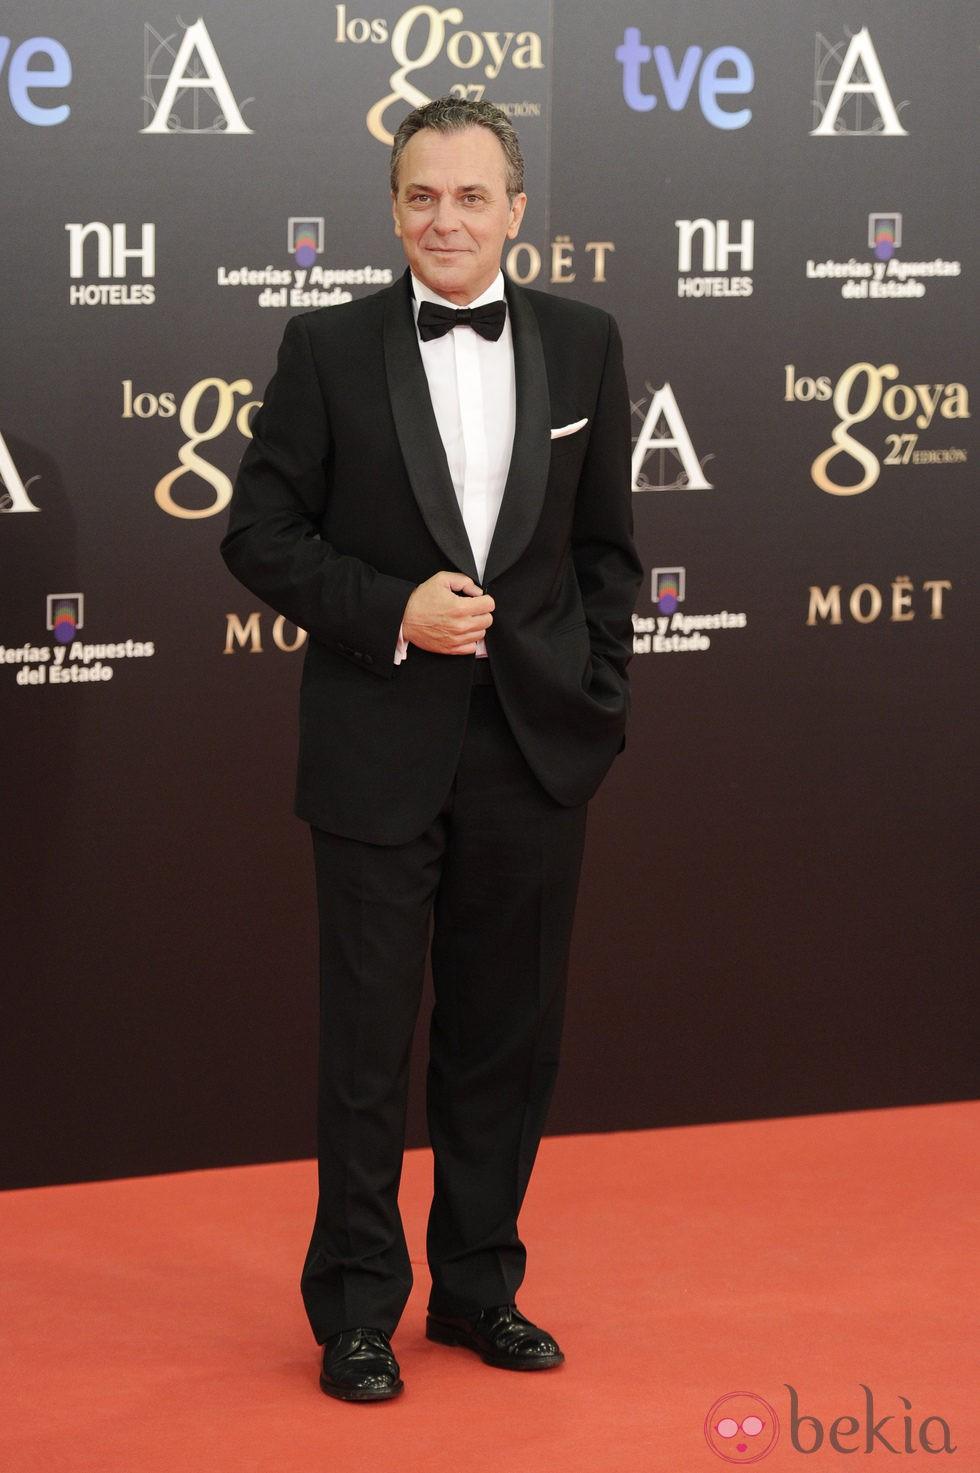 José Coronado en la alfombra roja de los Goya 2013